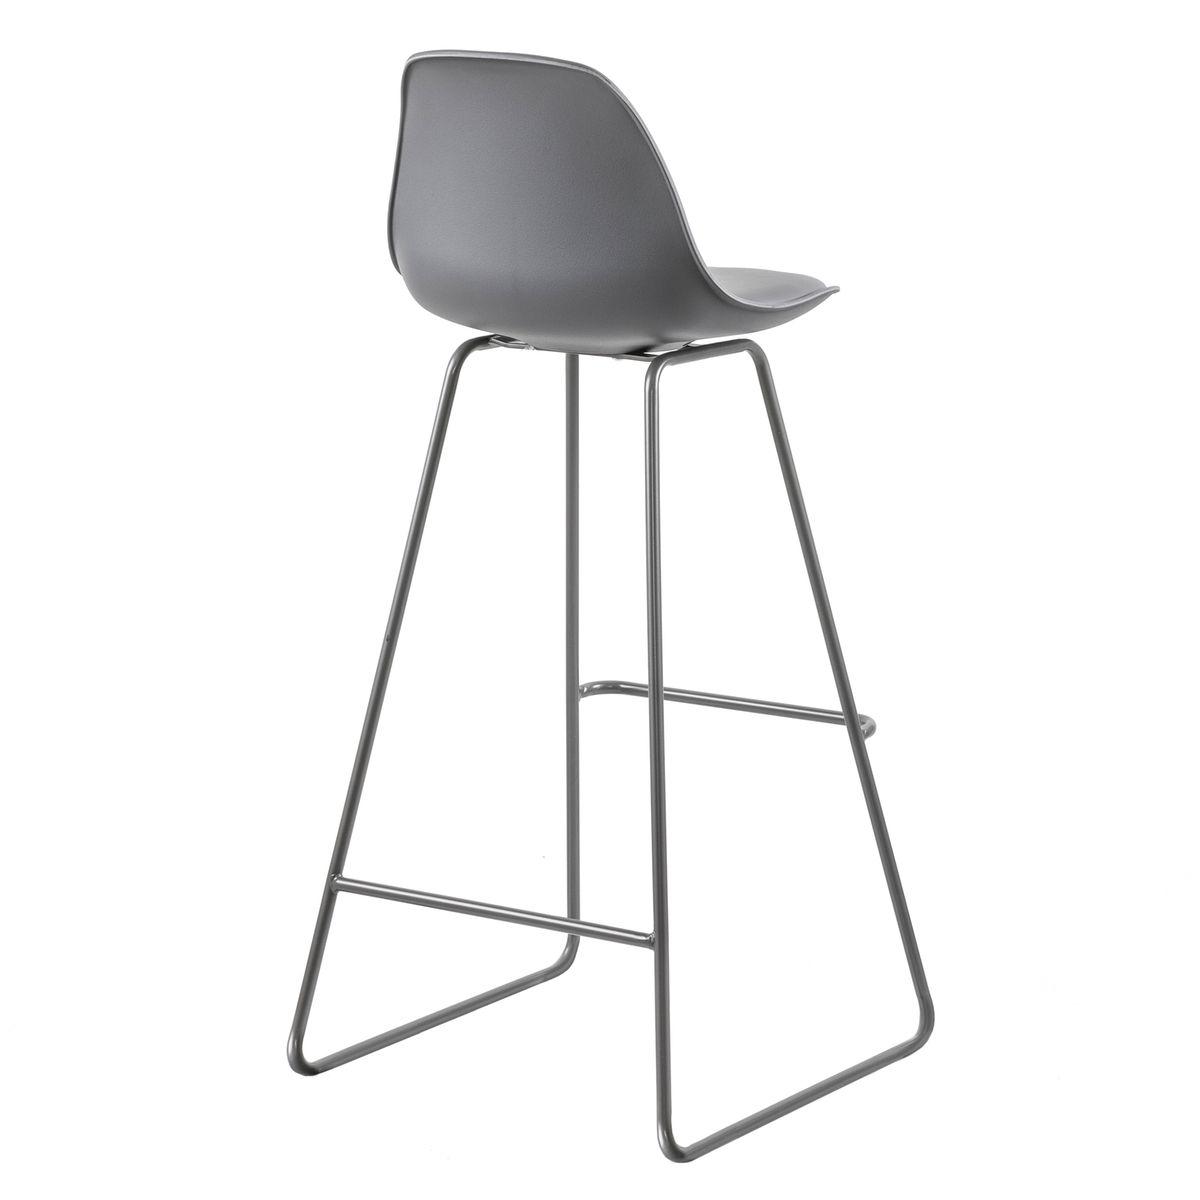 Démonter Un Tabouret De Bar chaise de bar kalmar 75 cm (lot de 2) - taille : taille